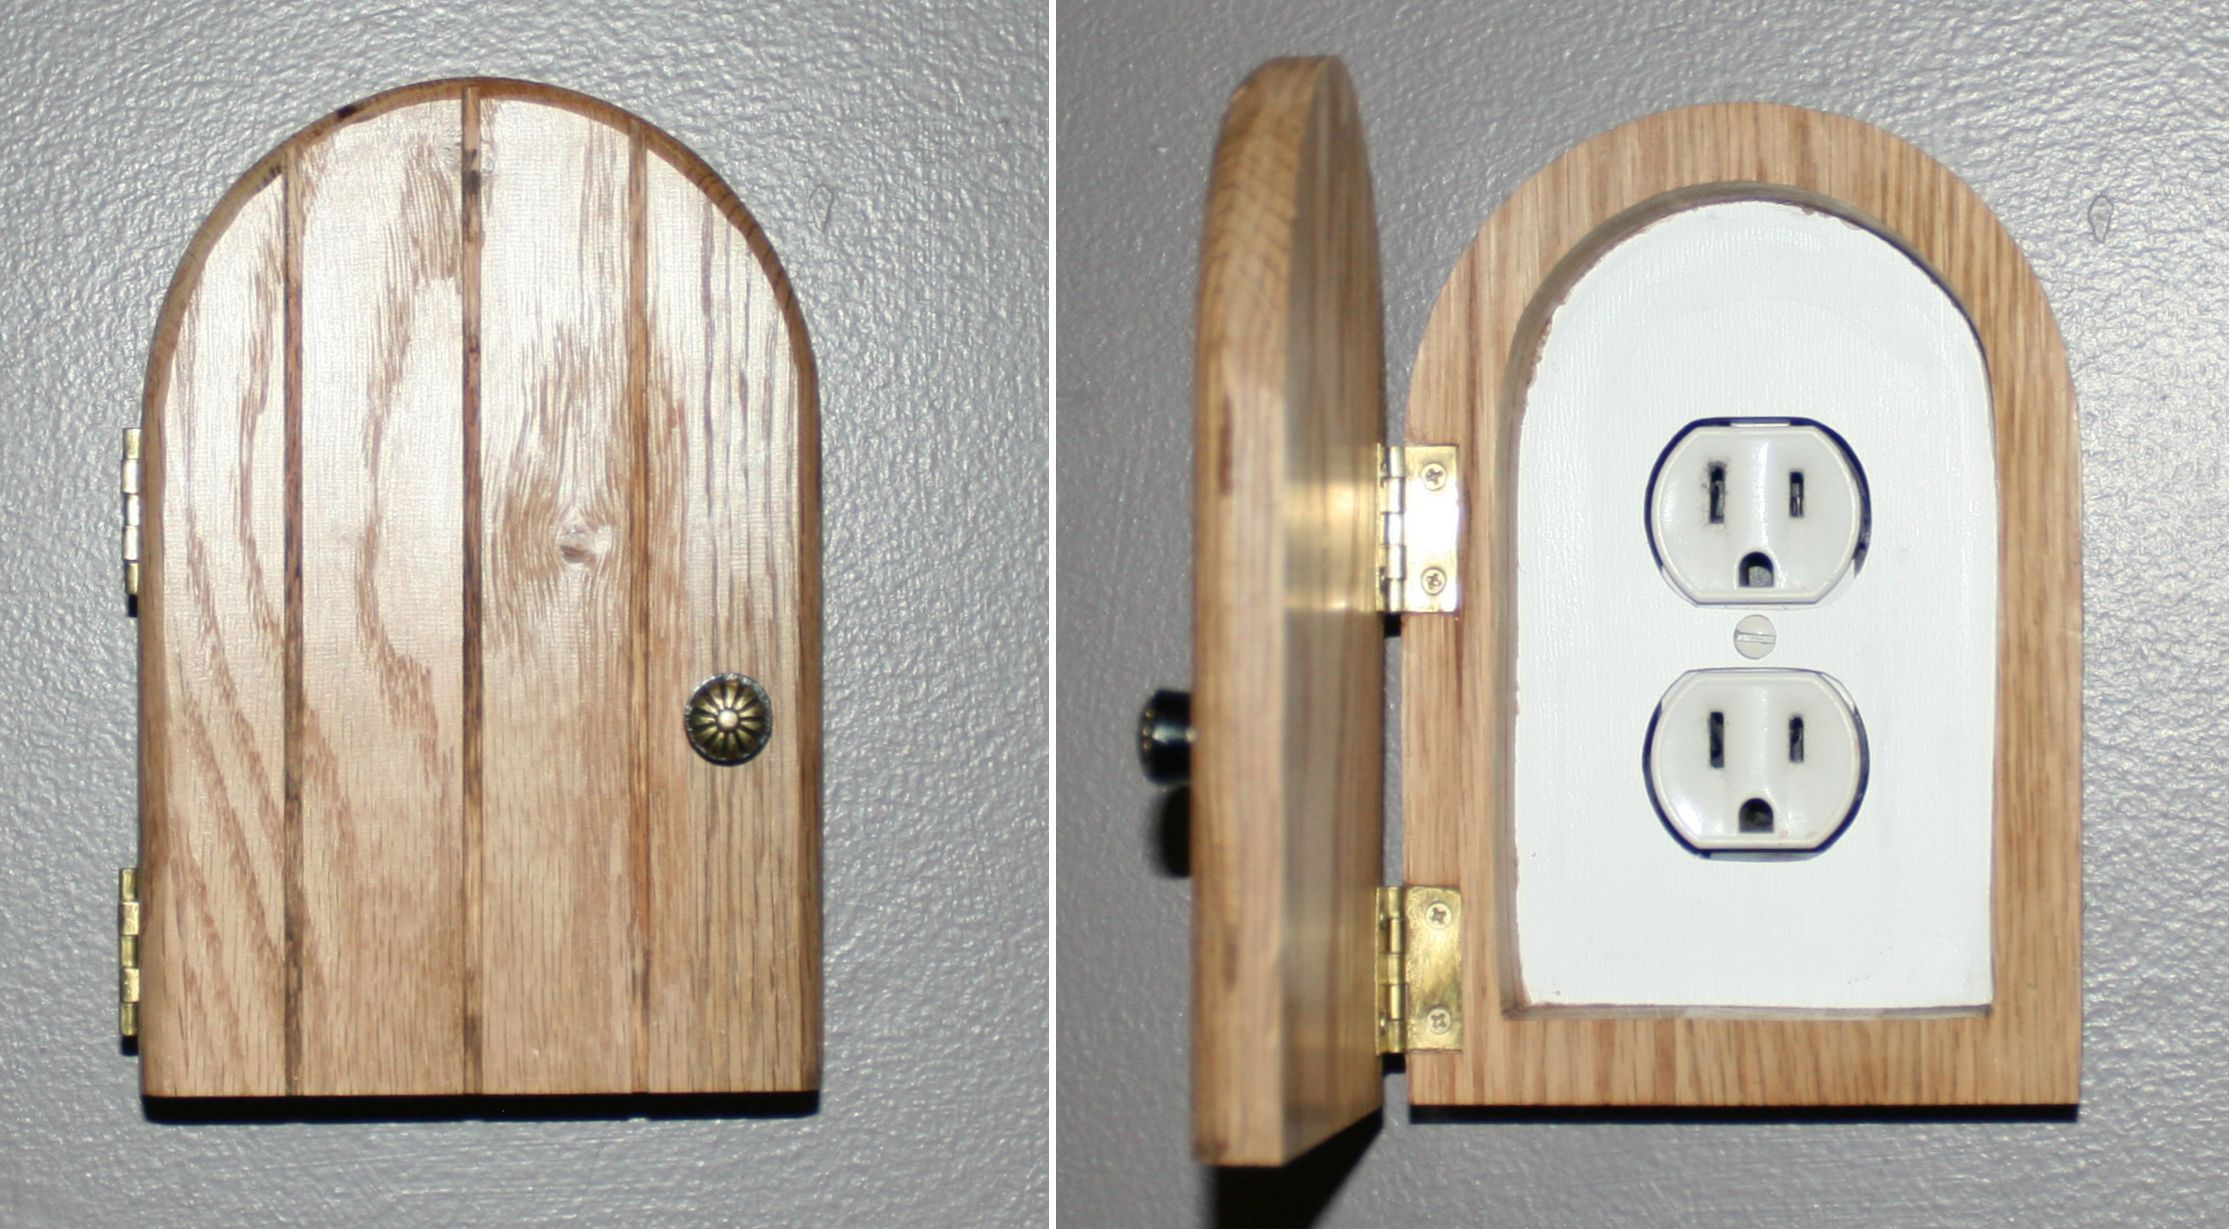 Fairy Door Faerie Door Gnome doors Elf Doors Hobbit Doors outlet/ & Fairy Door Faerie Door Gnome doors Elf Doors Hobbit Doors ...